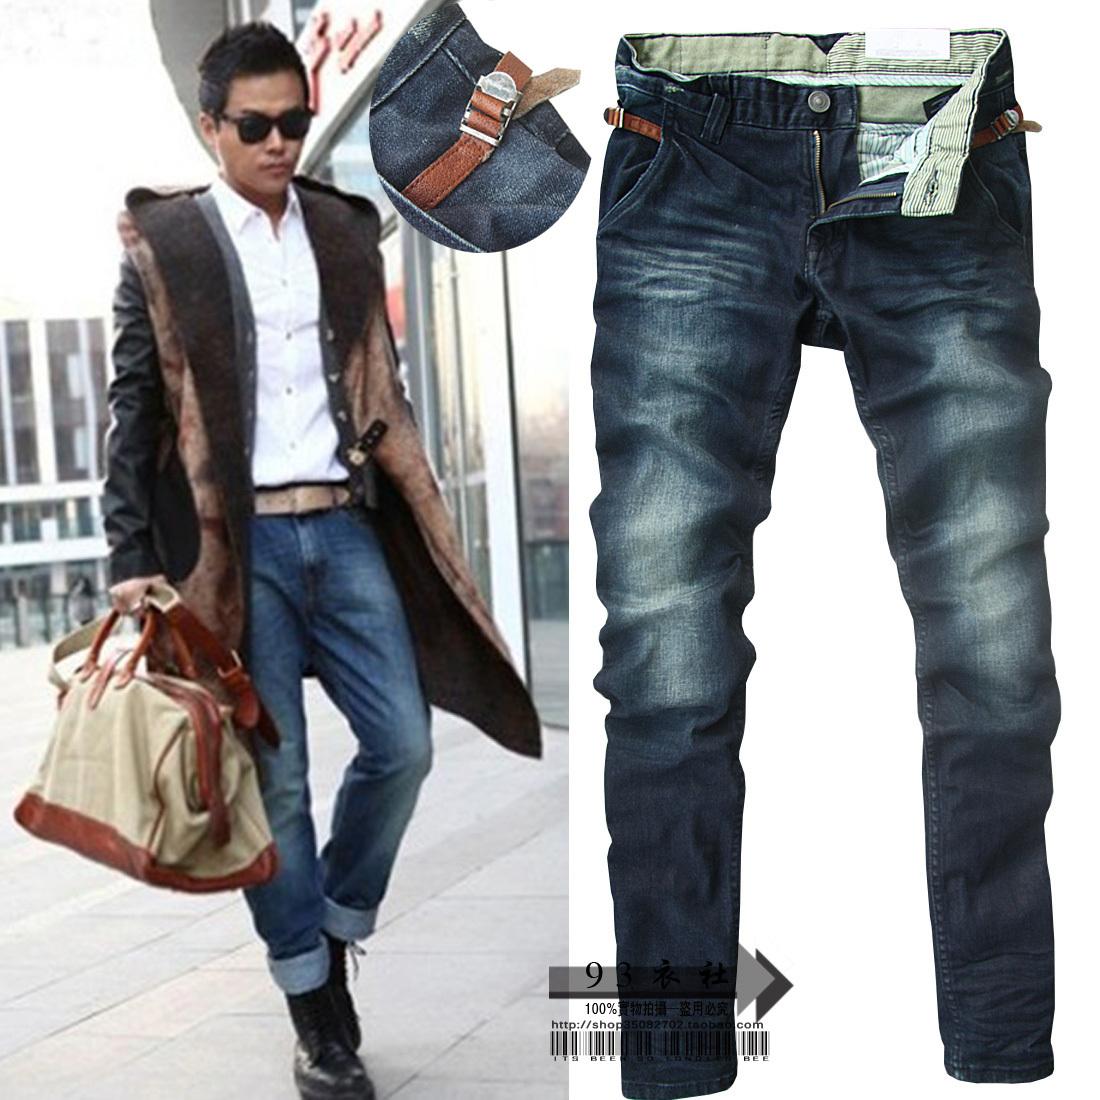 Джинсы мужские Diogo Облегающий покрой Классическая джинсовая ткань Модная одежда для отдыха 2012